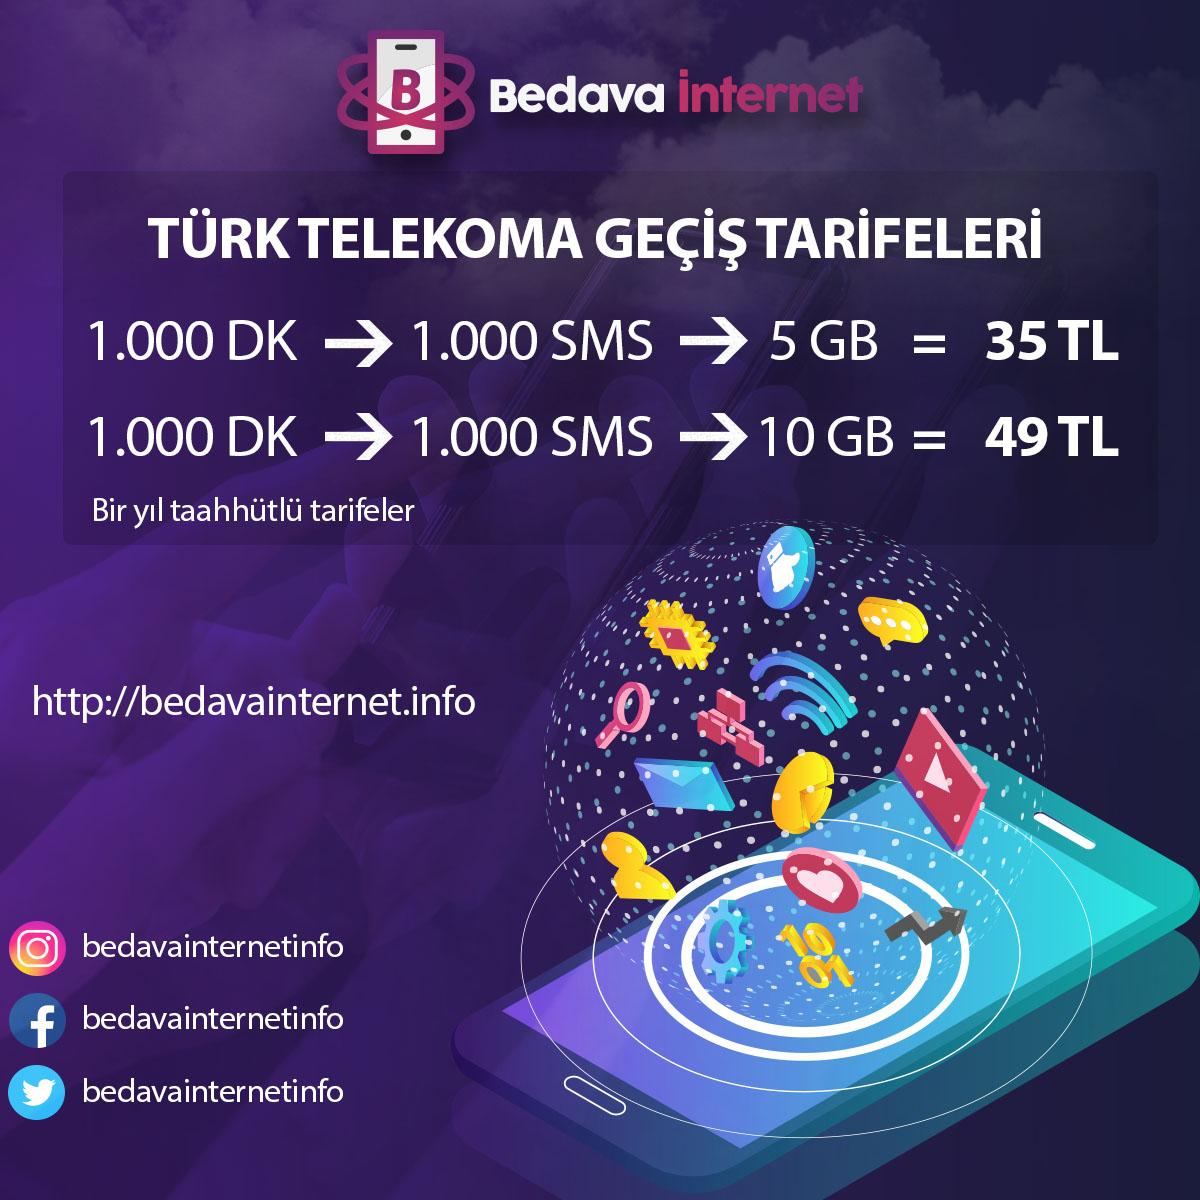 2019 Yılı Türk Telekom'a geçiş tarifeleri ve avantajları